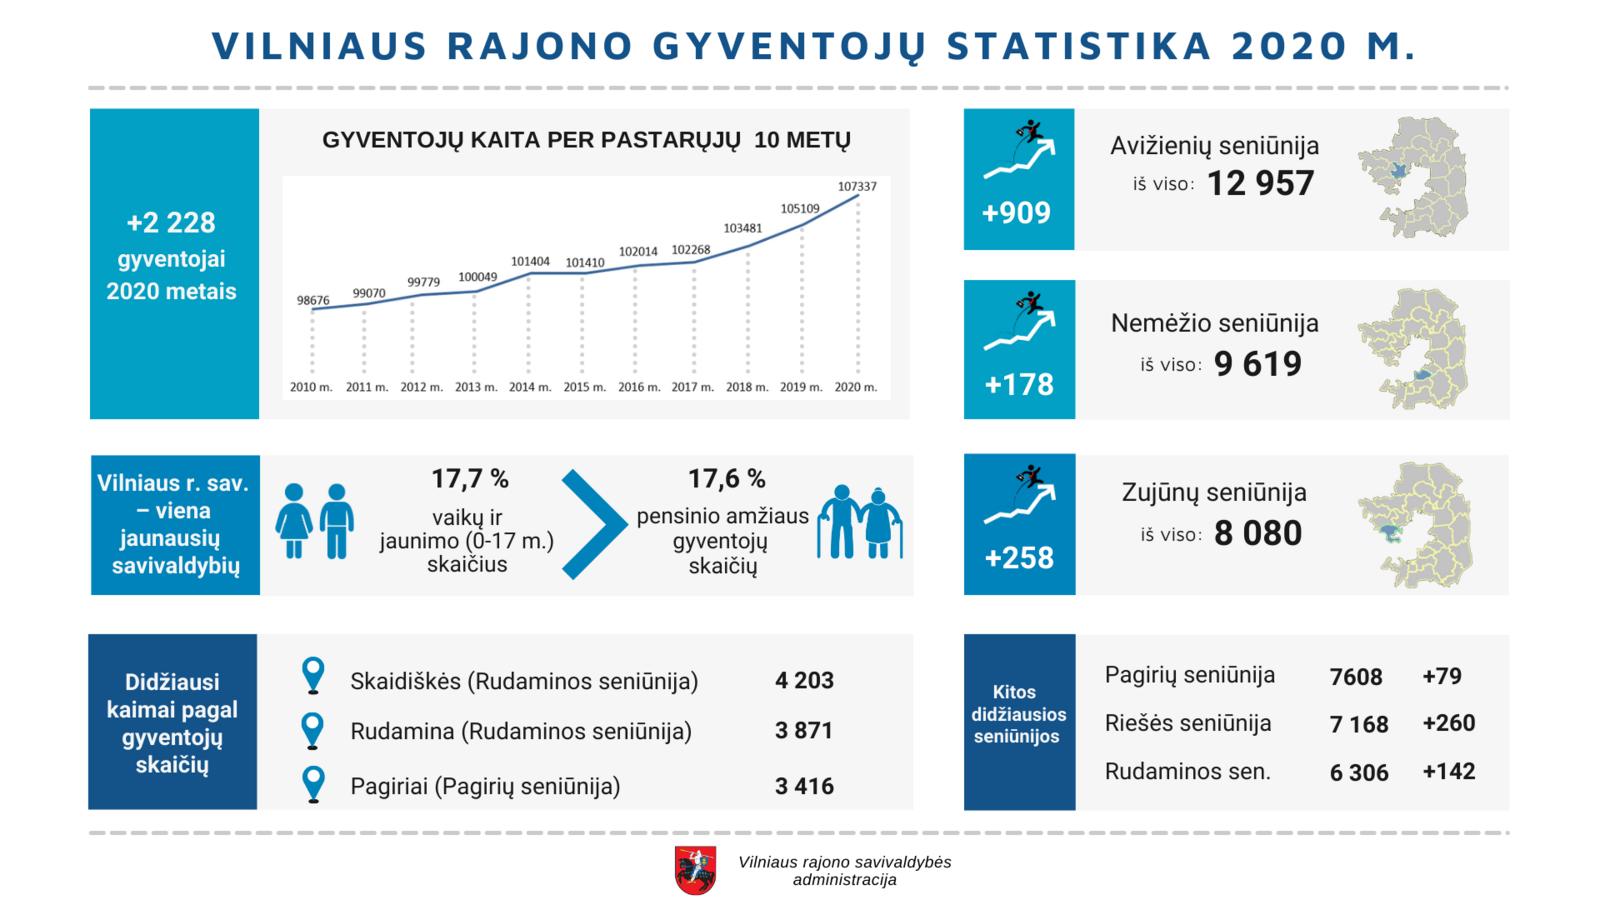 Vilniaus rajonas ir toliau auga: gyventojų skaičius per 2020 metus padidėjo daugiau nei 2 tūkstančiais